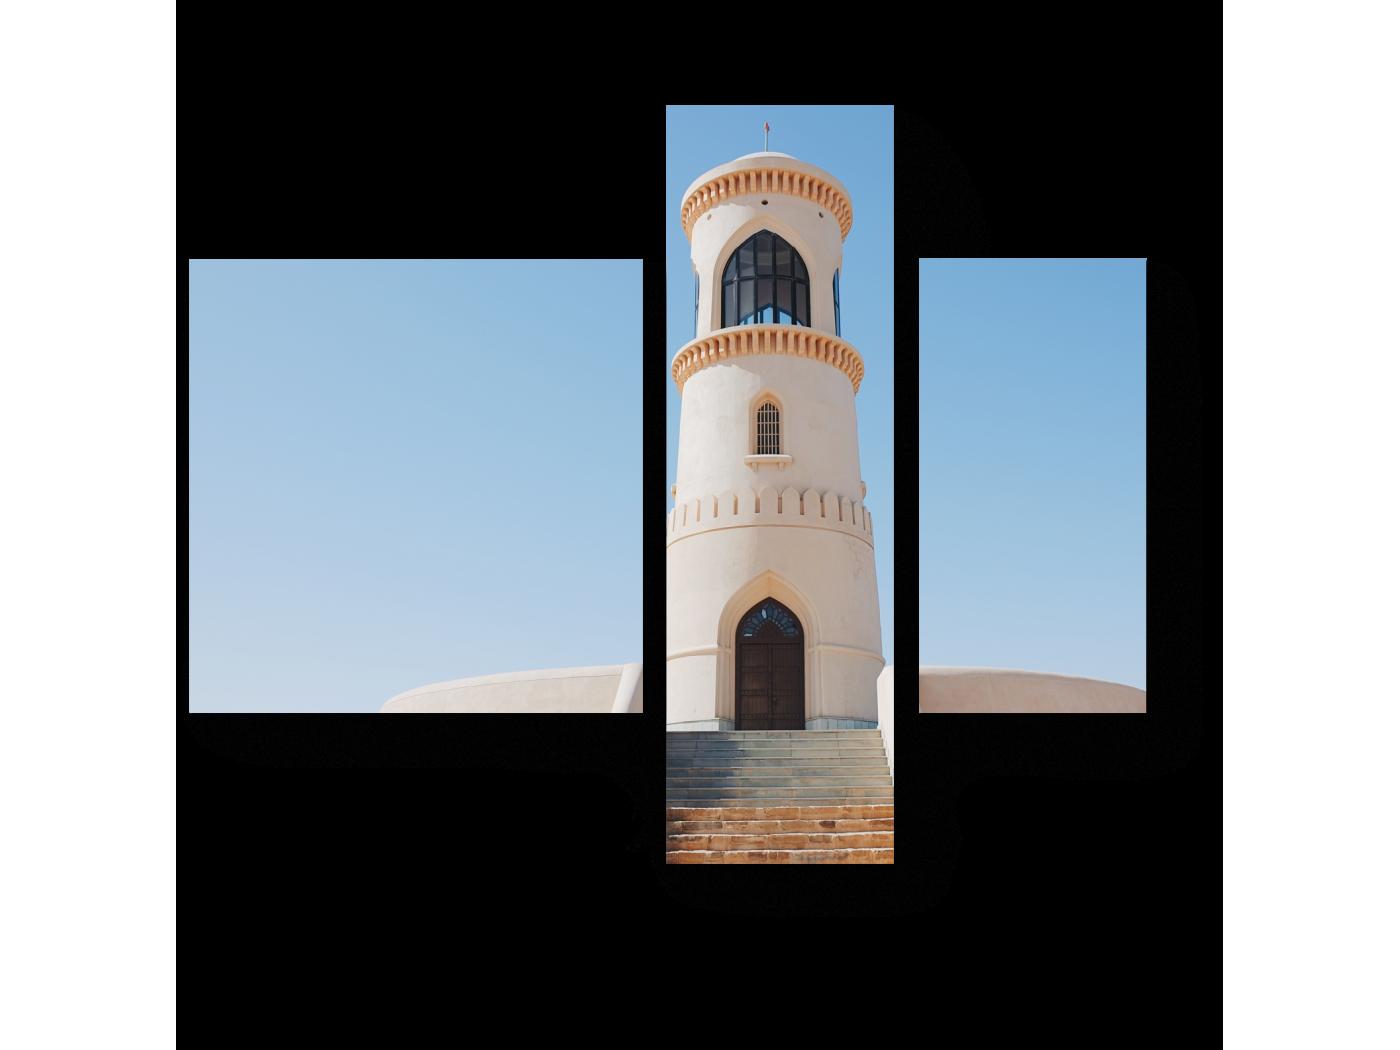 Модульная картина Cмотровая башня в Омане (80x66) фото